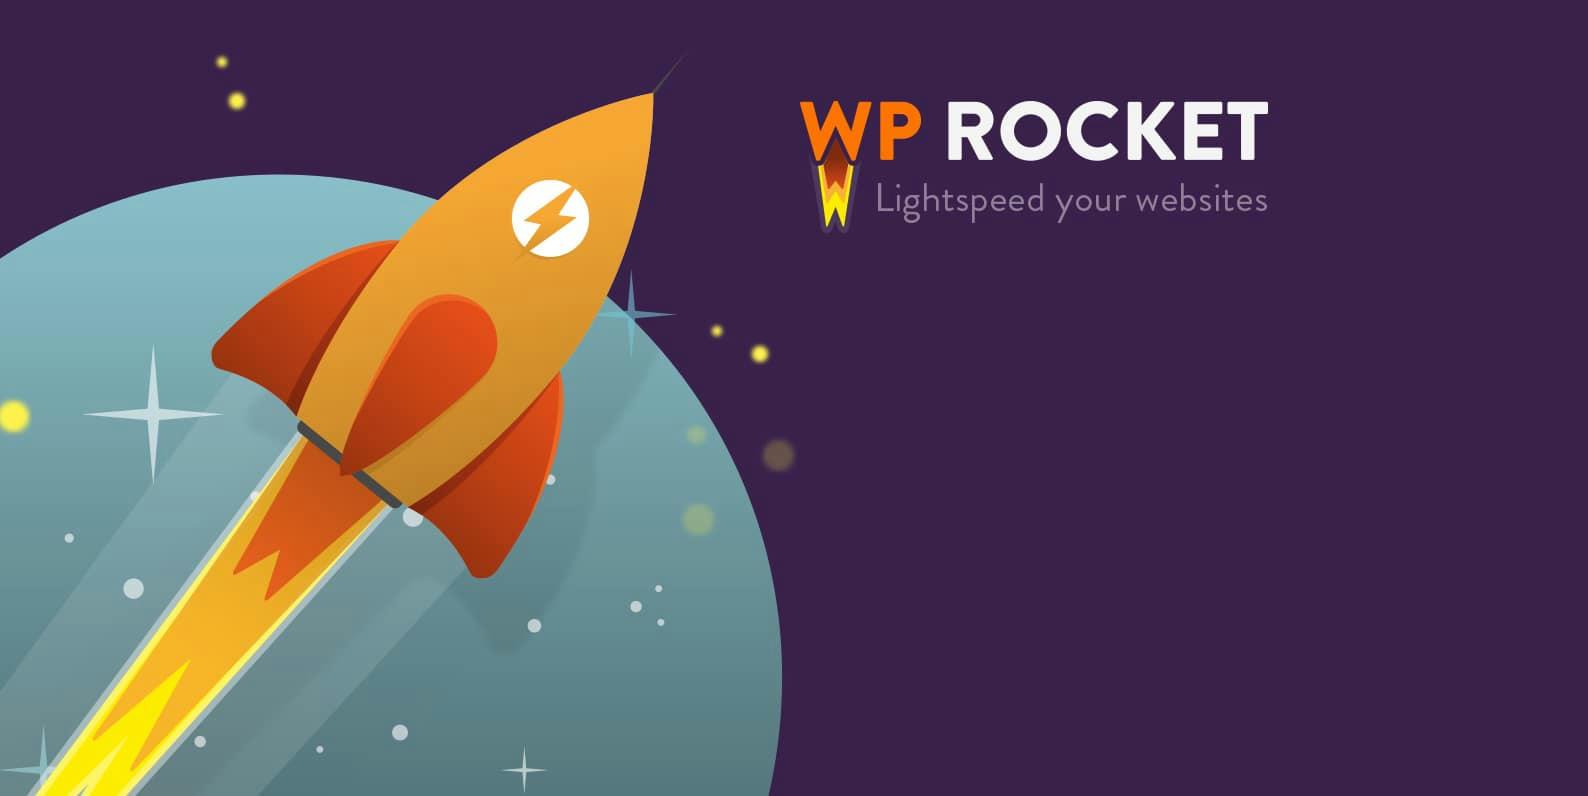 افزونه بهینه سازی و افزایش سرعت سایت WP Rocket